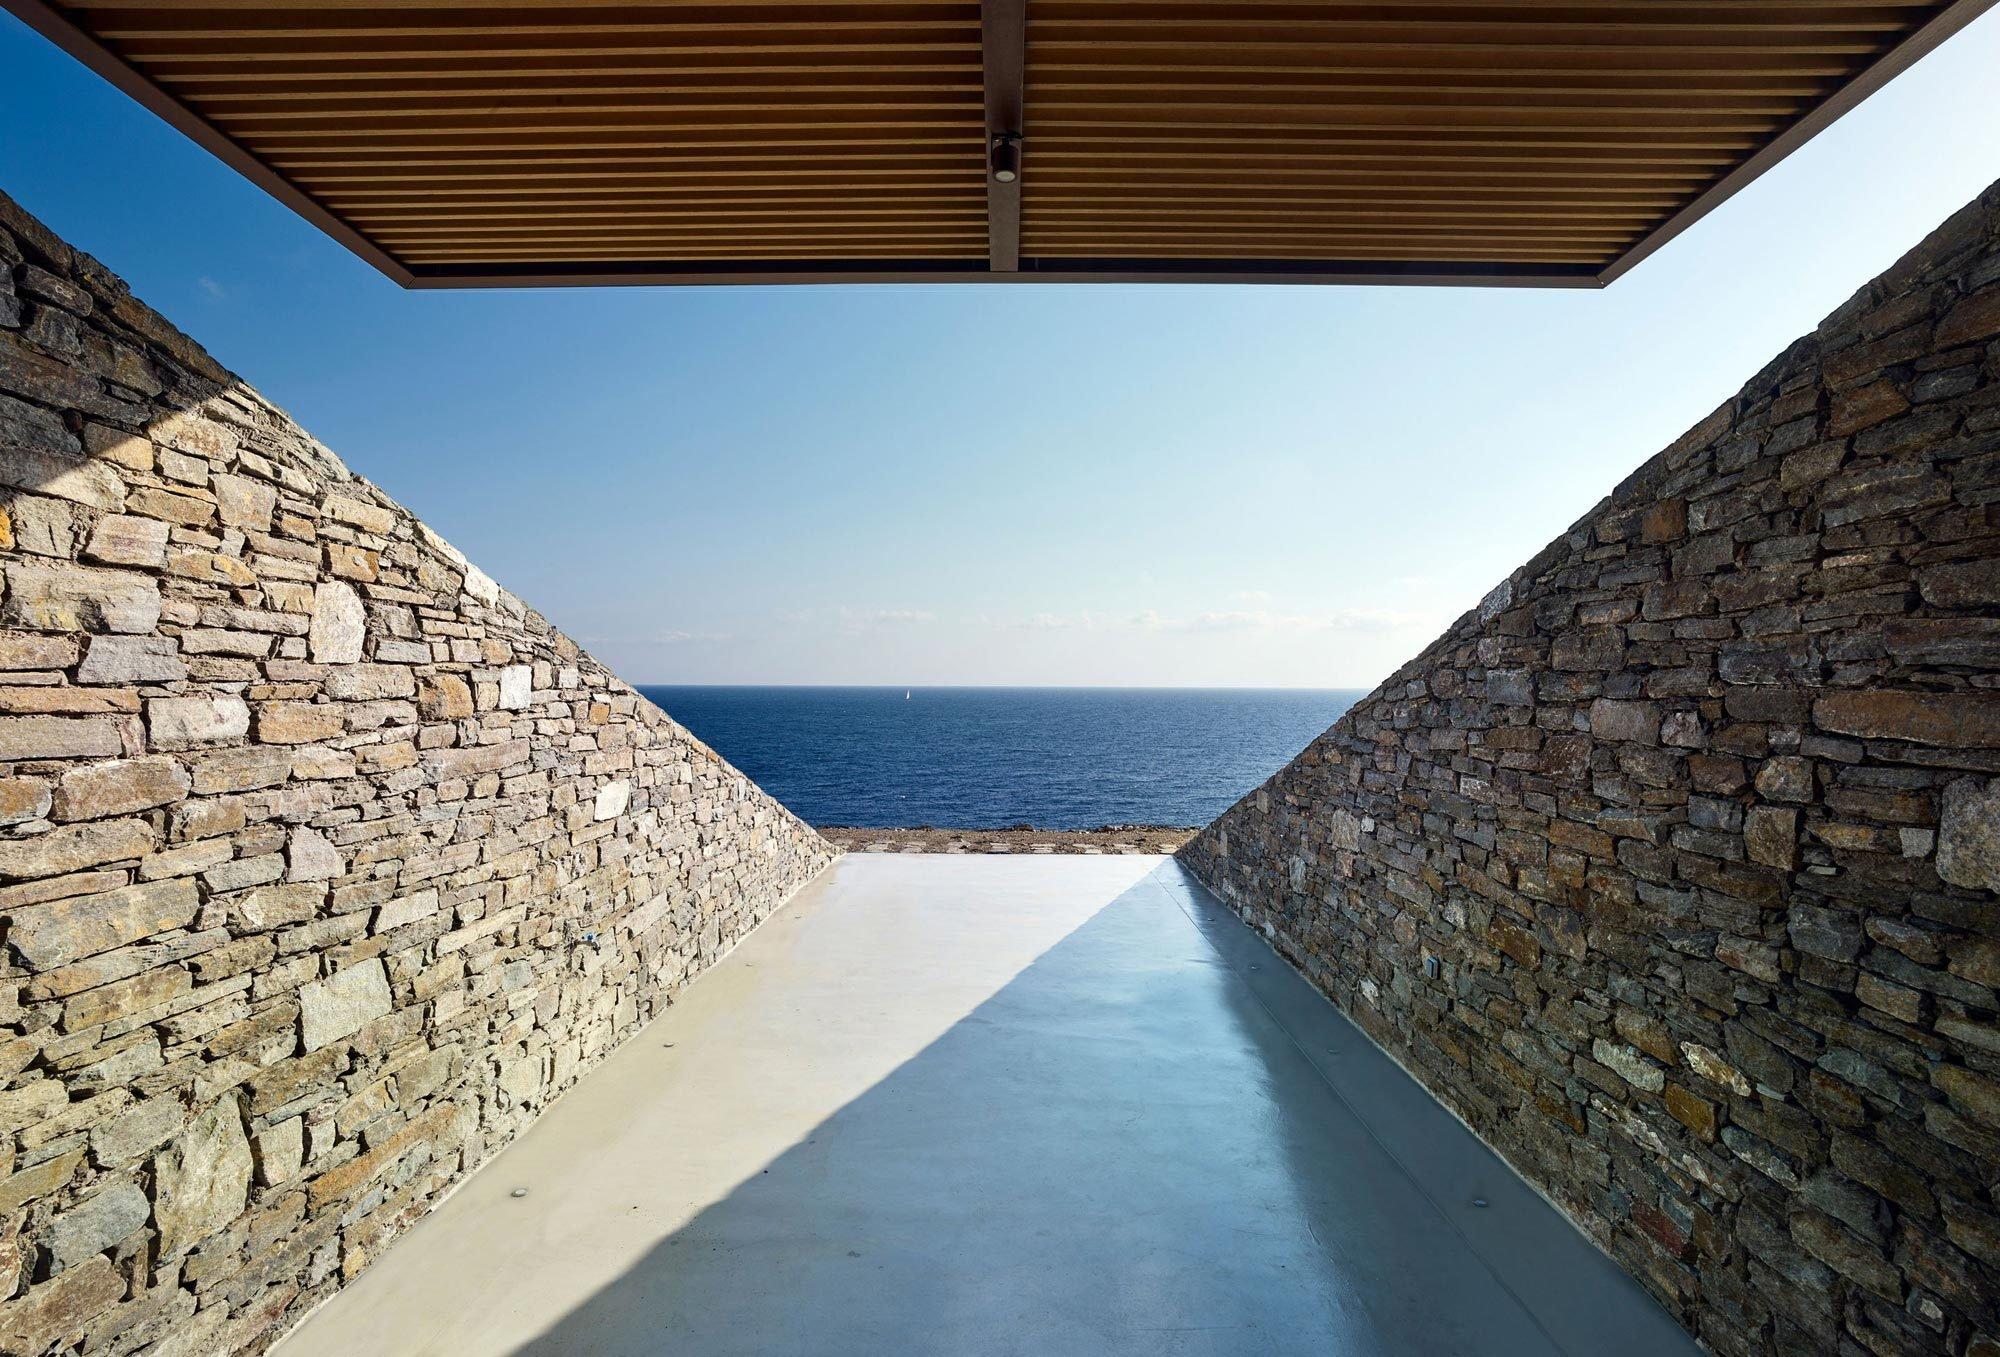 Die Terrassen werden von Wänden eingefasst, deren Steinebeim Aushub direkt vor Ort gewonnen wurden. Foto:Yiorgis Yerolymbos